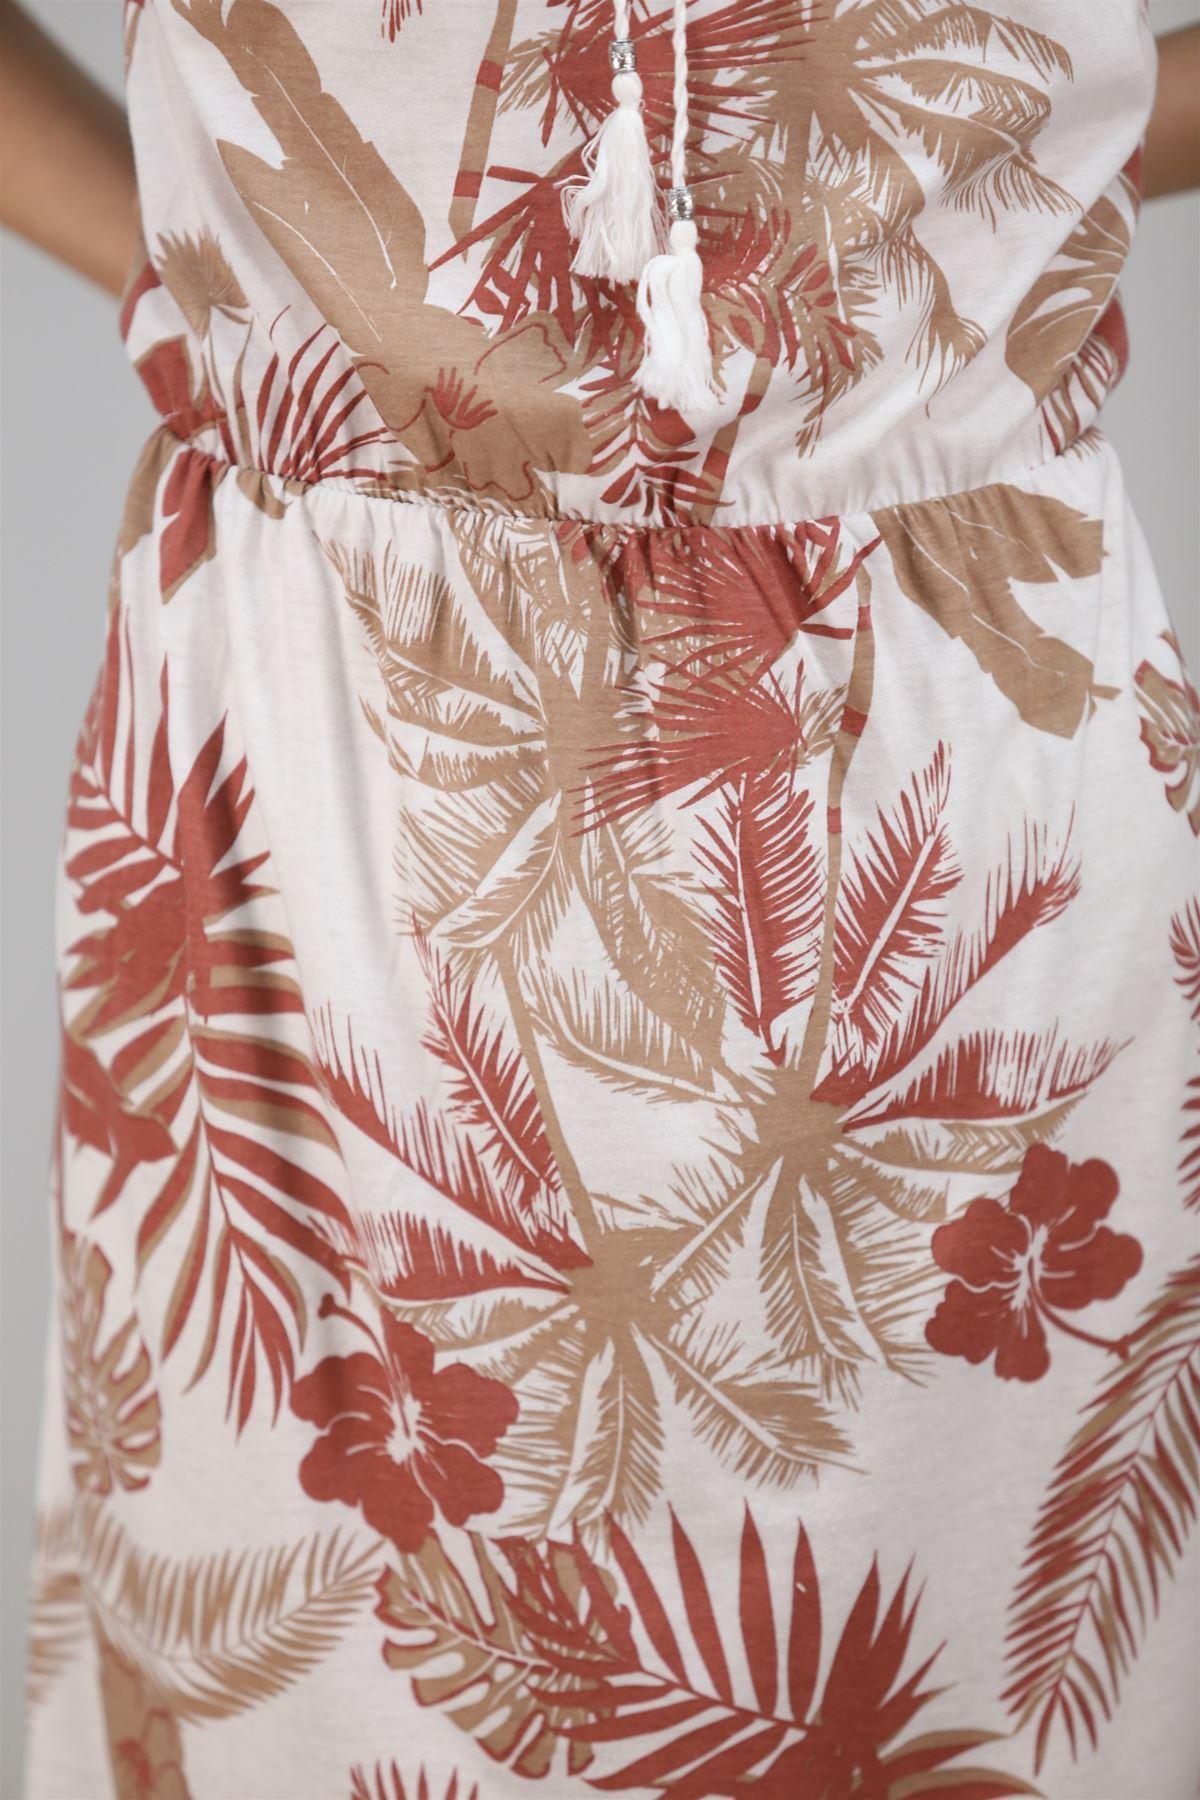 Sıfır Kol Elbise Beyazvizon - 4280.1187.